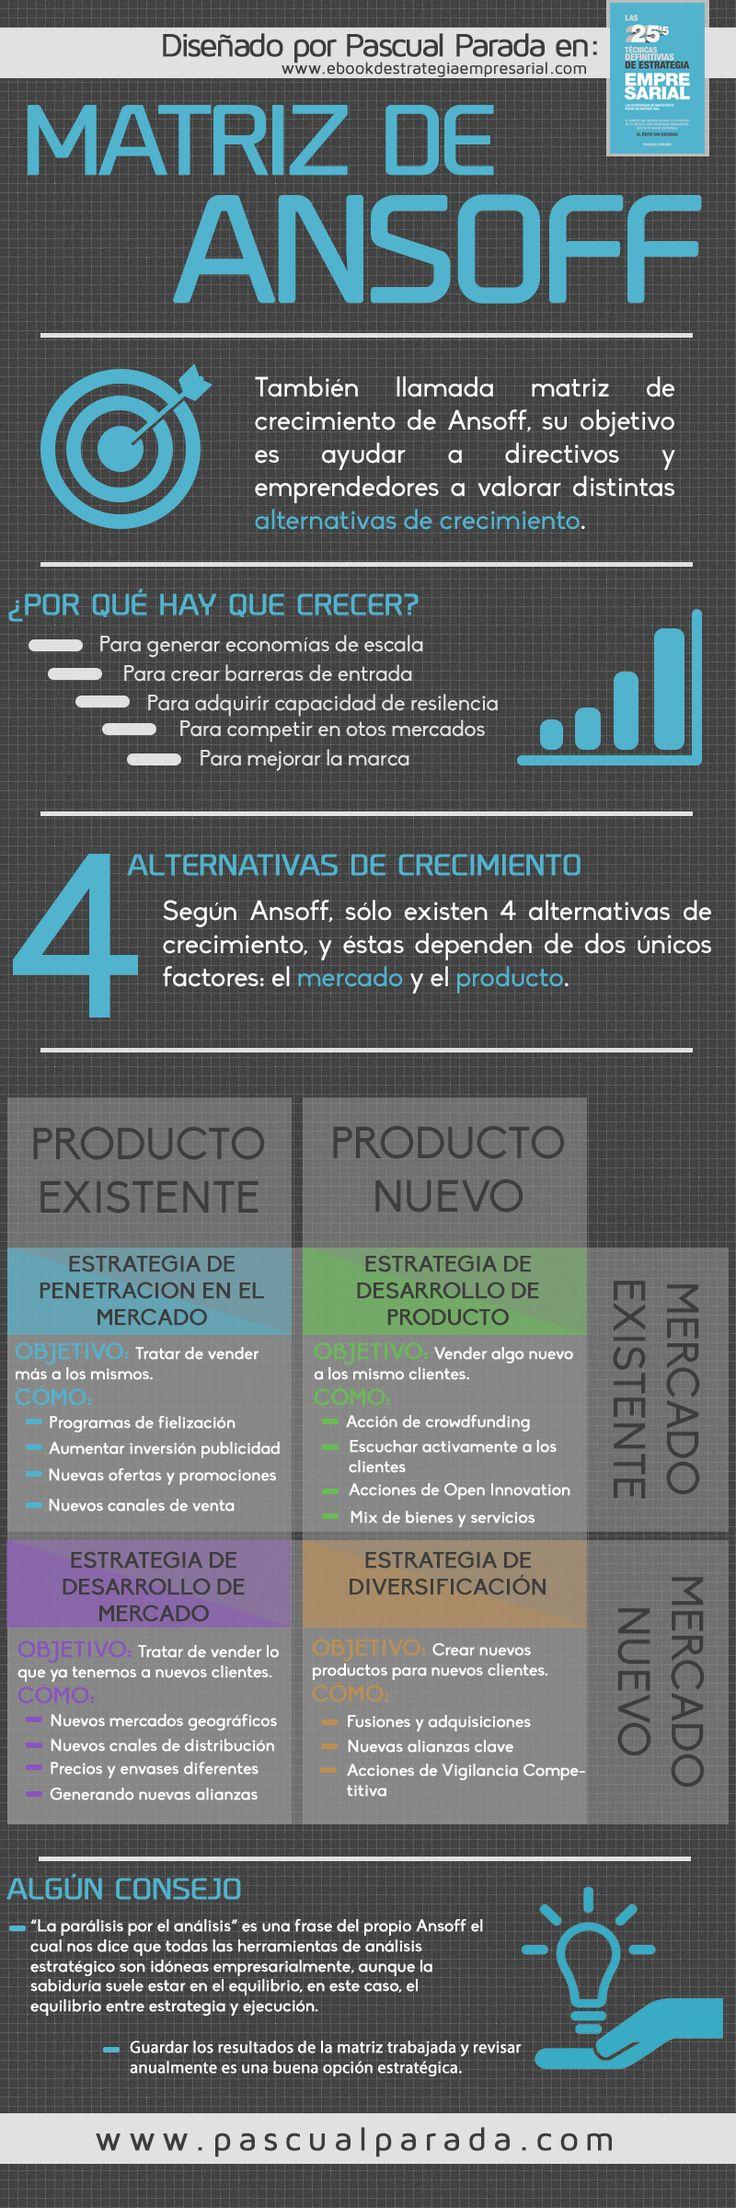 Matriz de Ansoff: cómo hacer crecer tu startup #infografia #infographic #entrepreneurship